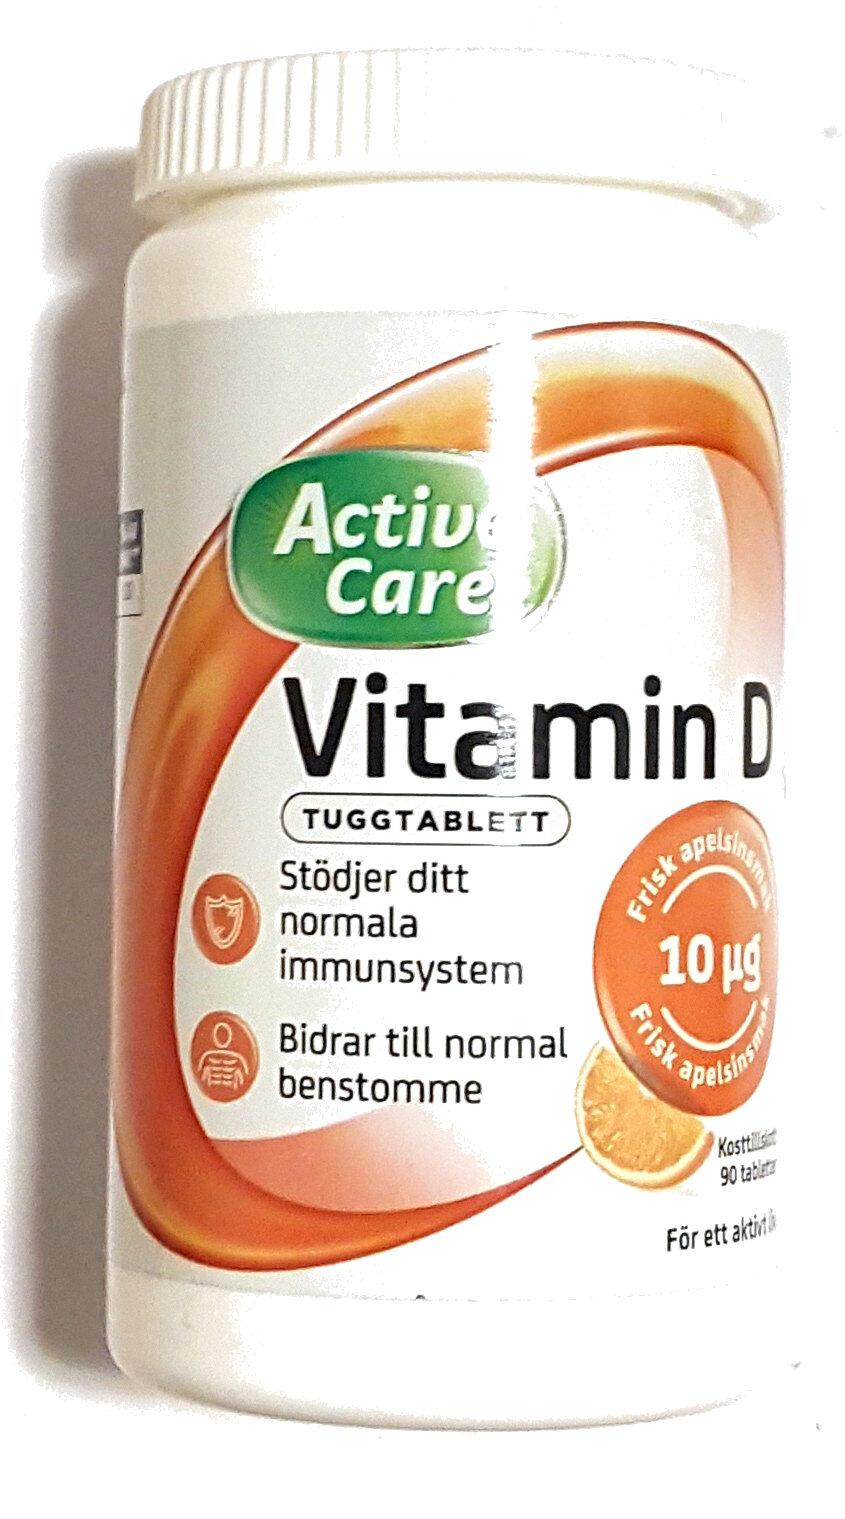 Active Care Vitamin D Tuggtablett - Produit - sv